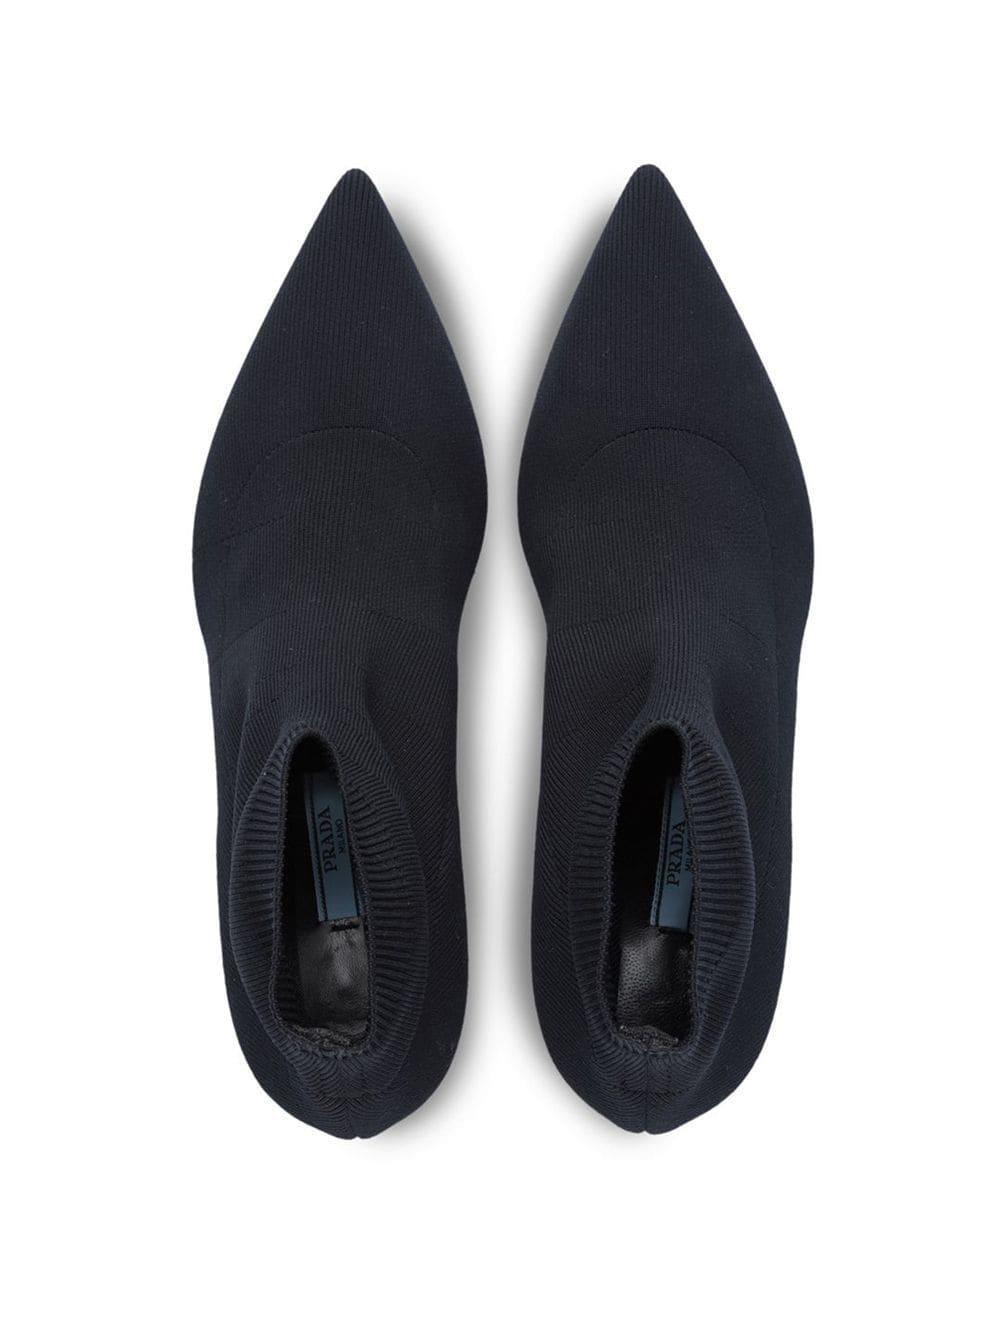 Prada Leather Sock Booties in Black